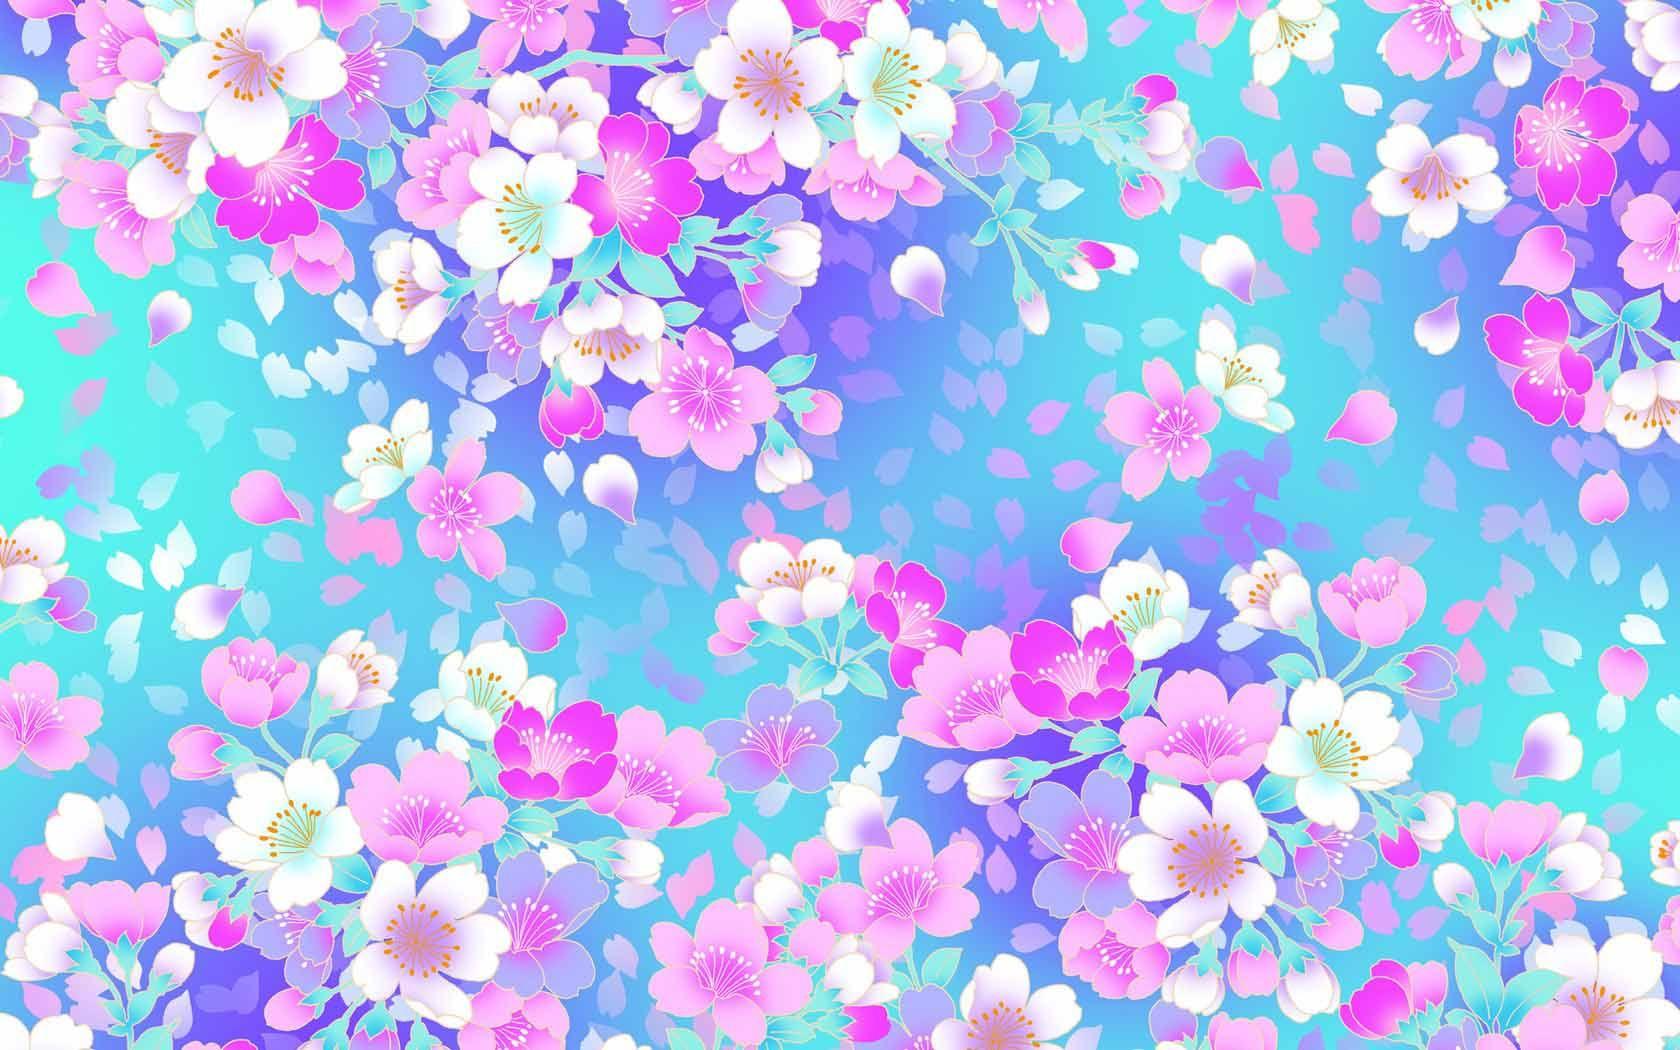 Wallpaper pattern 23 flower pinterest wallpaper and paintings wallpaper pattern 23 mightylinksfo